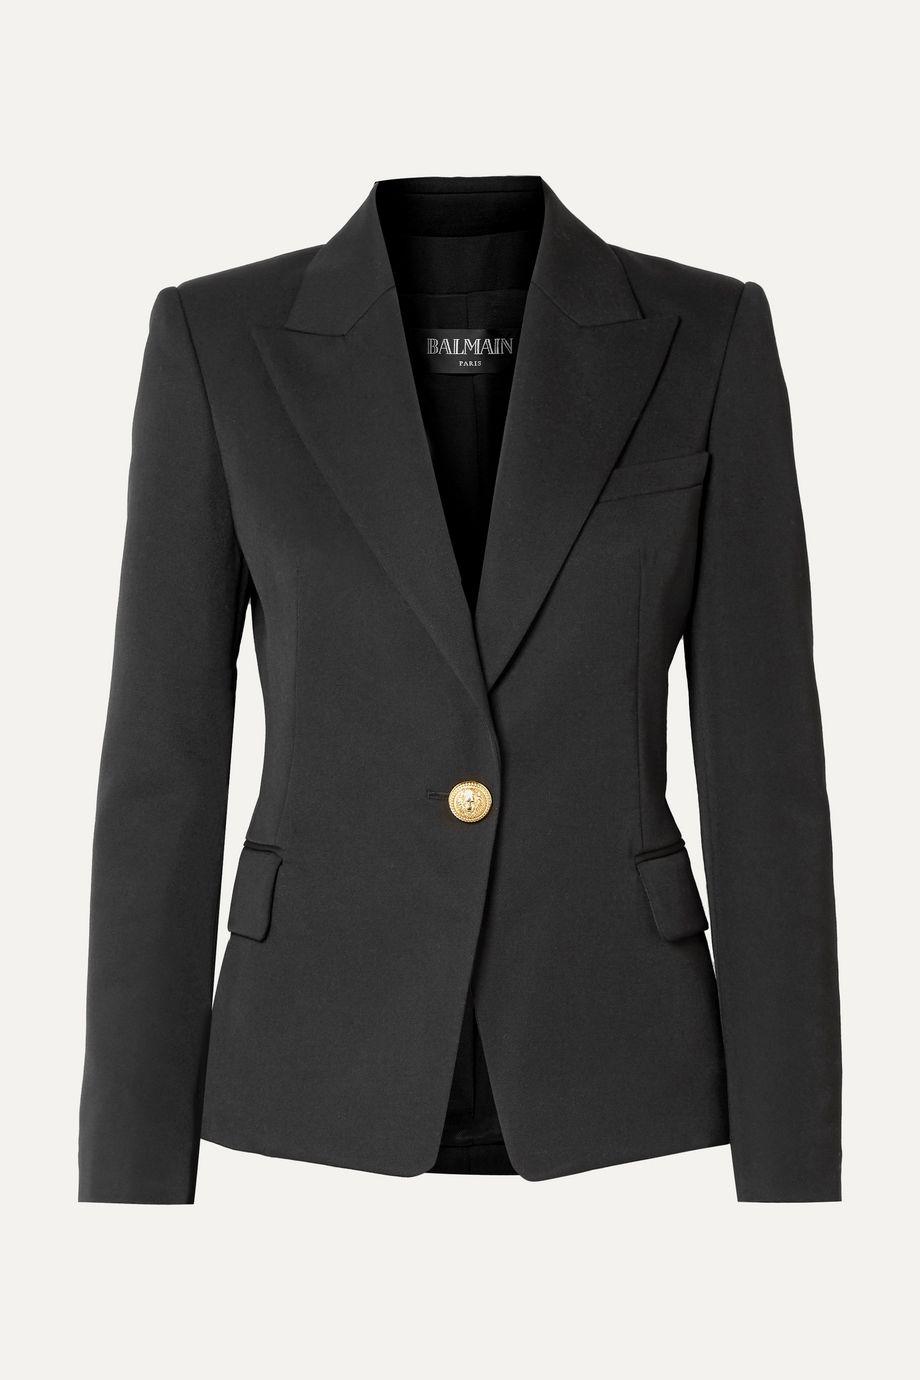 Balmain 羊毛斜纹布西装式外套